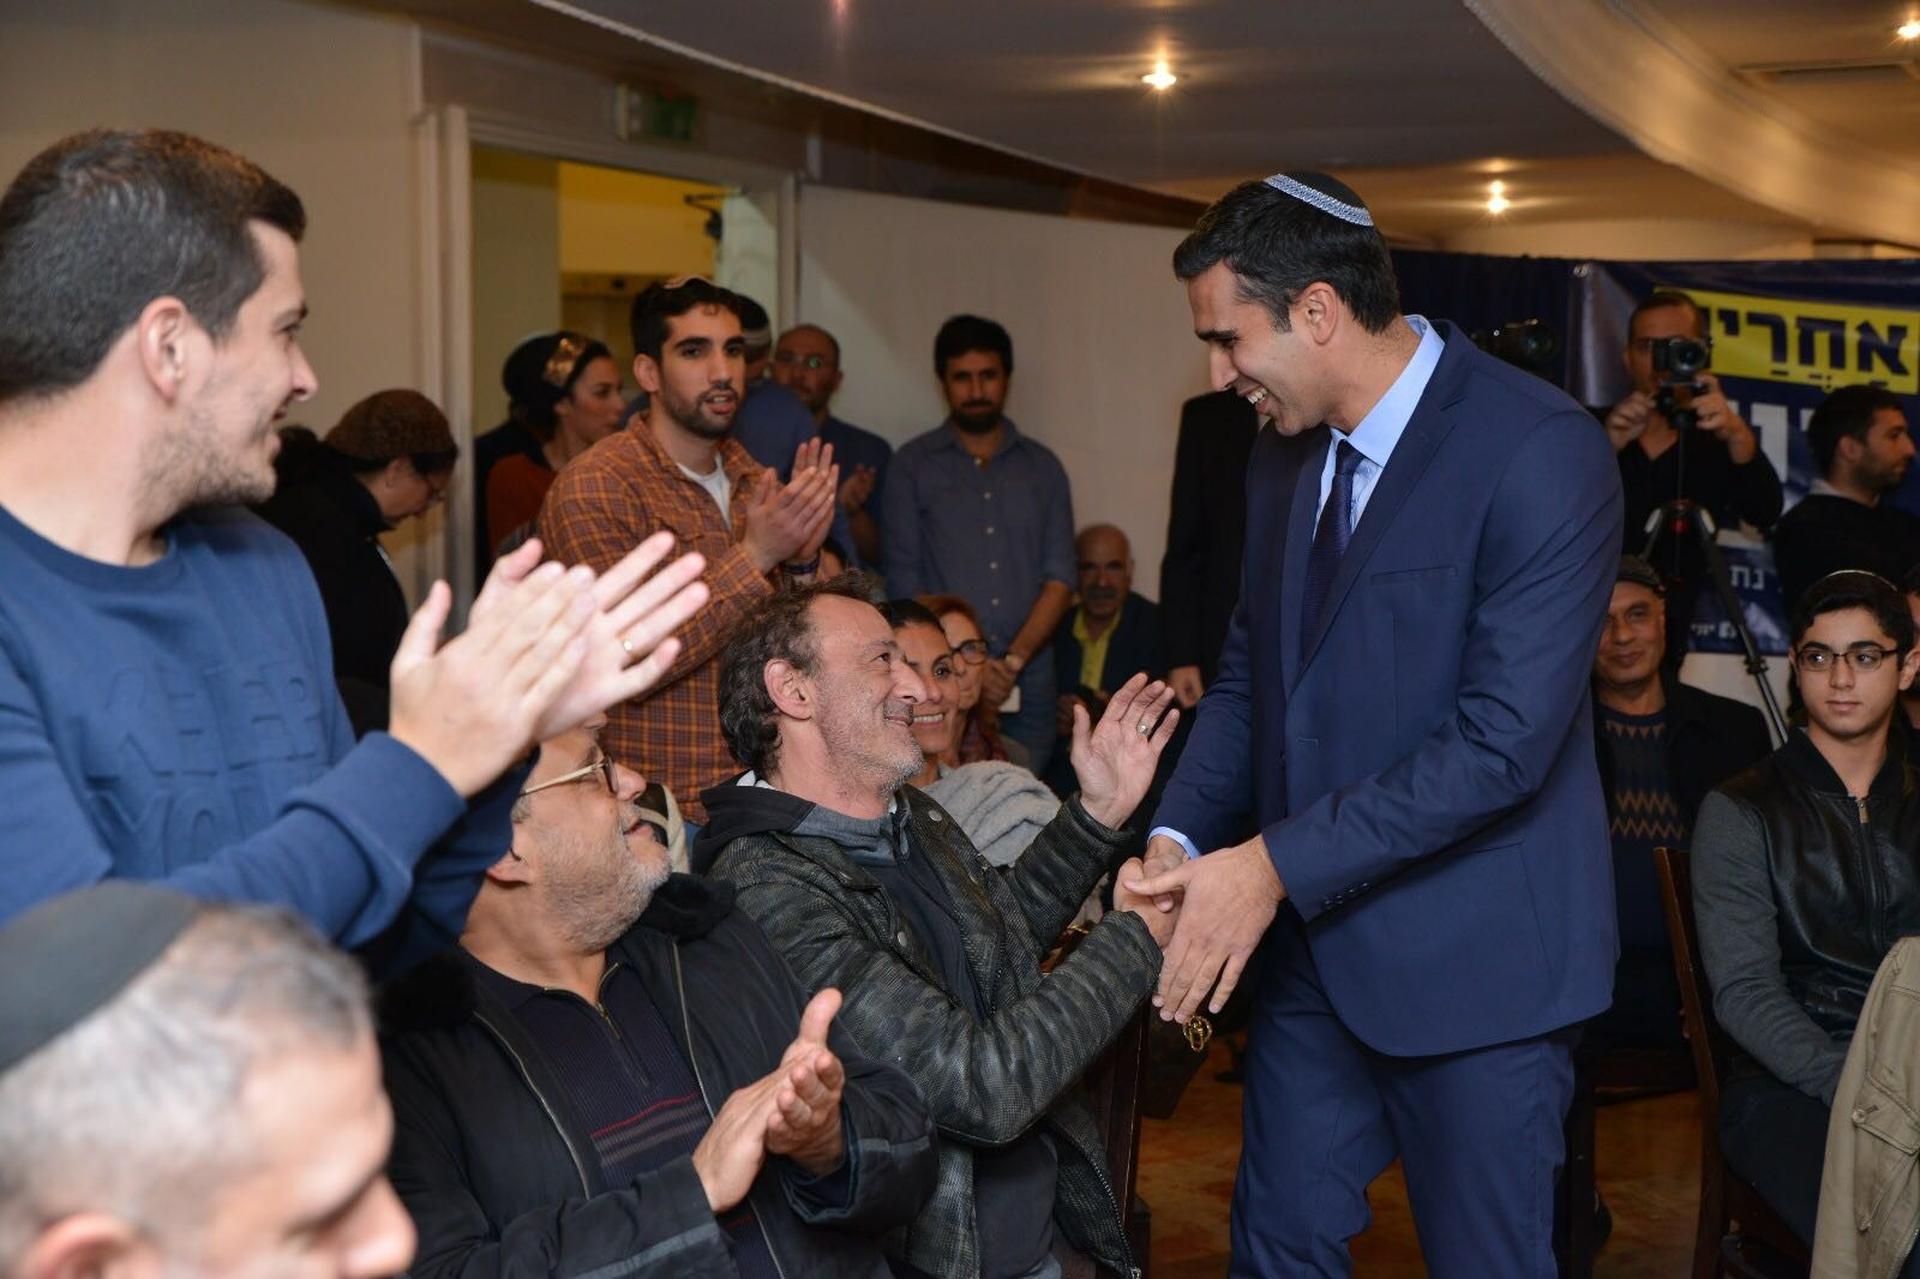 יוני שטבון הכריז על מועמדותו לראשות העיר נתניה